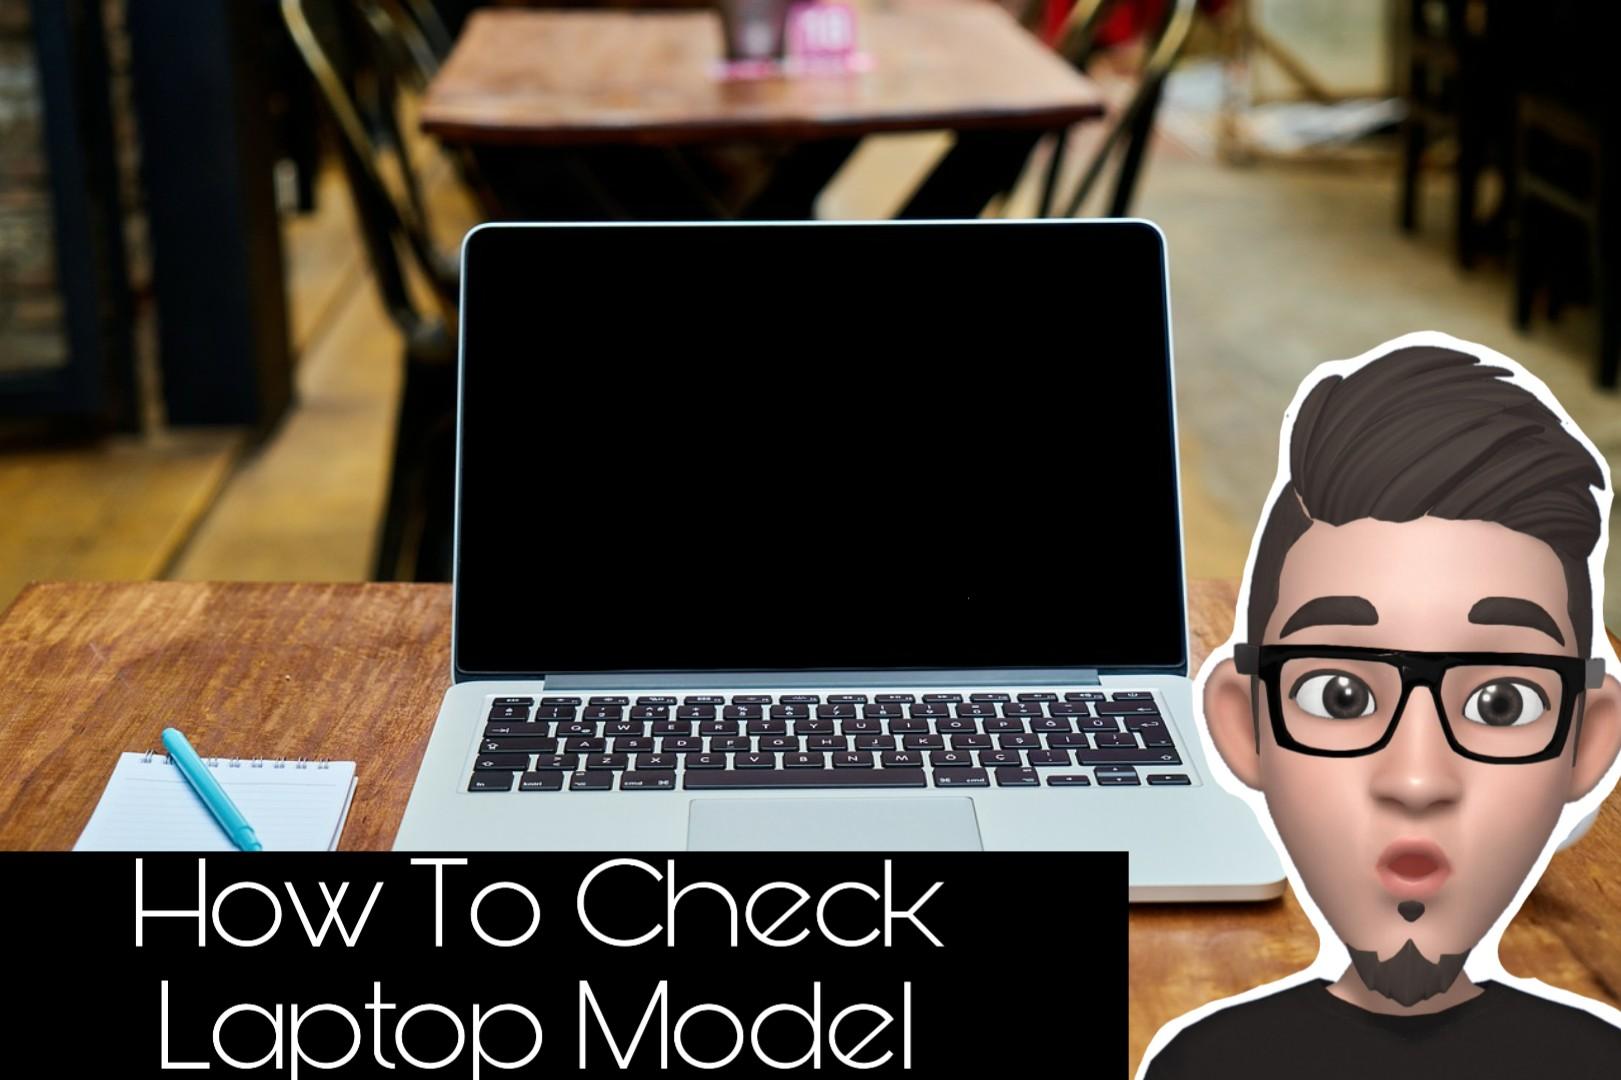 Check-laptop-model